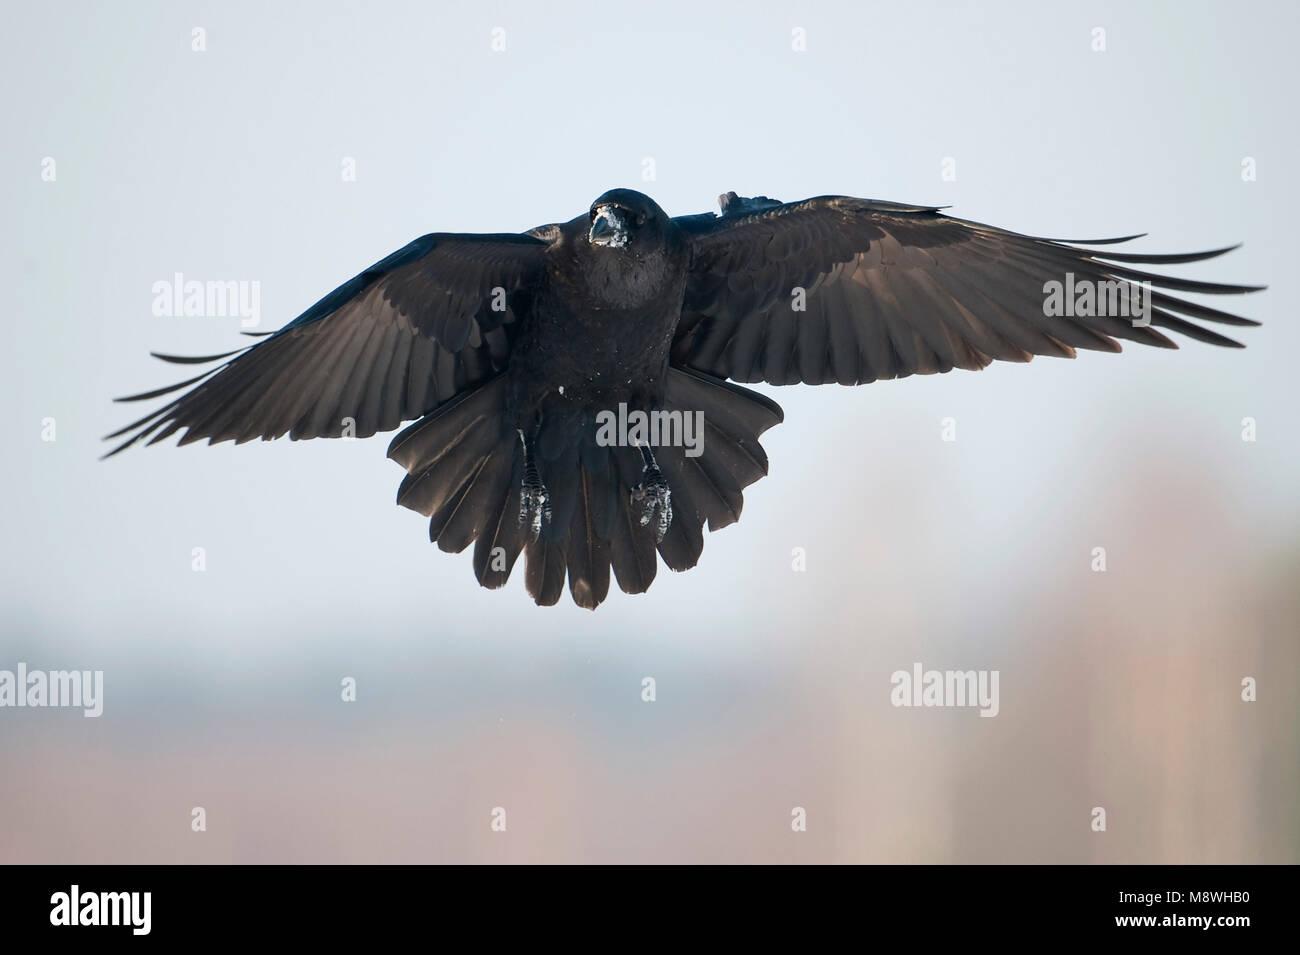 Landende raaf; Landing Raven - Stock Image